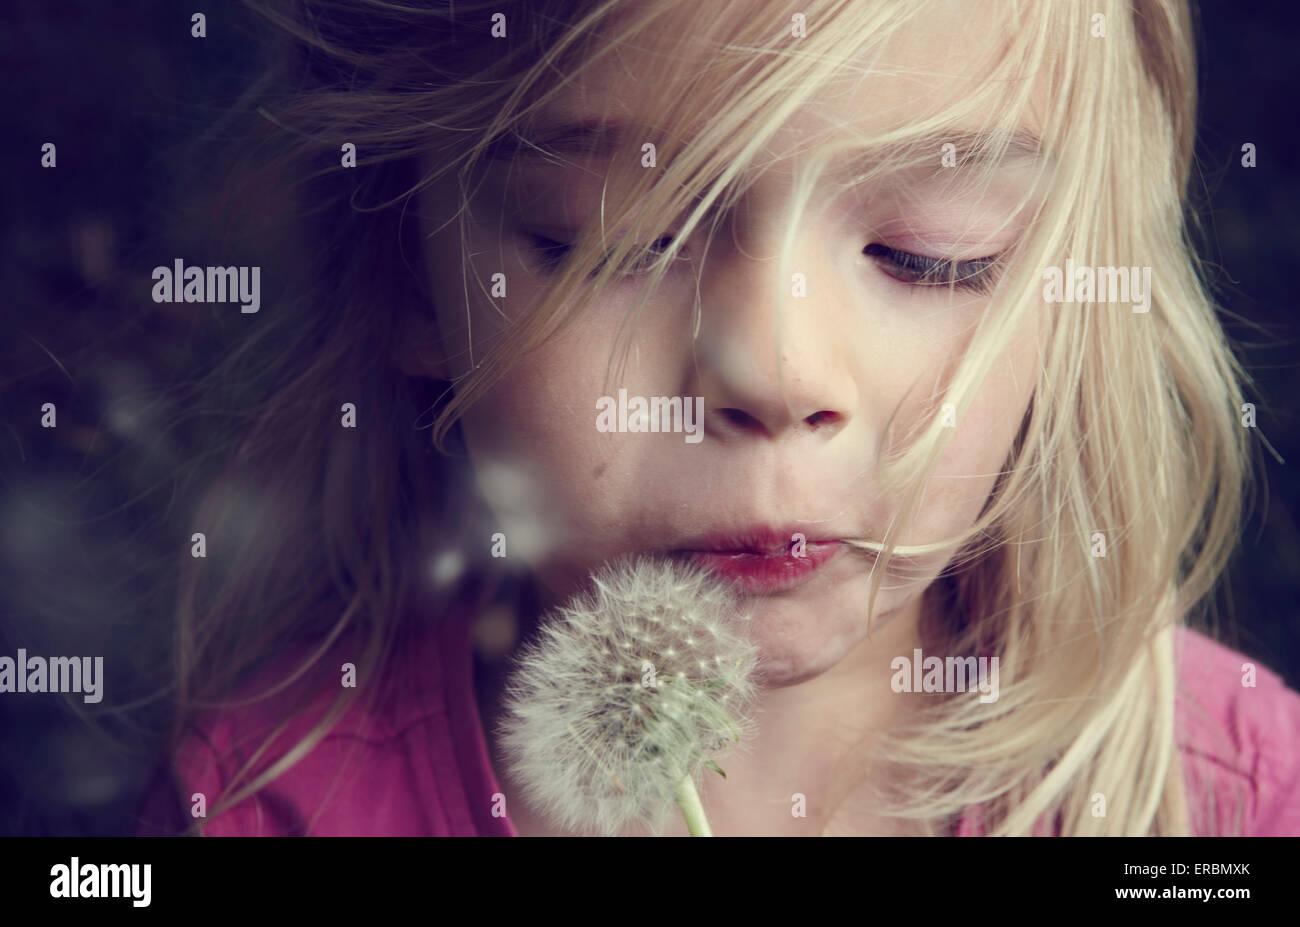 Retrato de chica rubia caucásica soplando flor semillas de diente de león Imagen De Stock